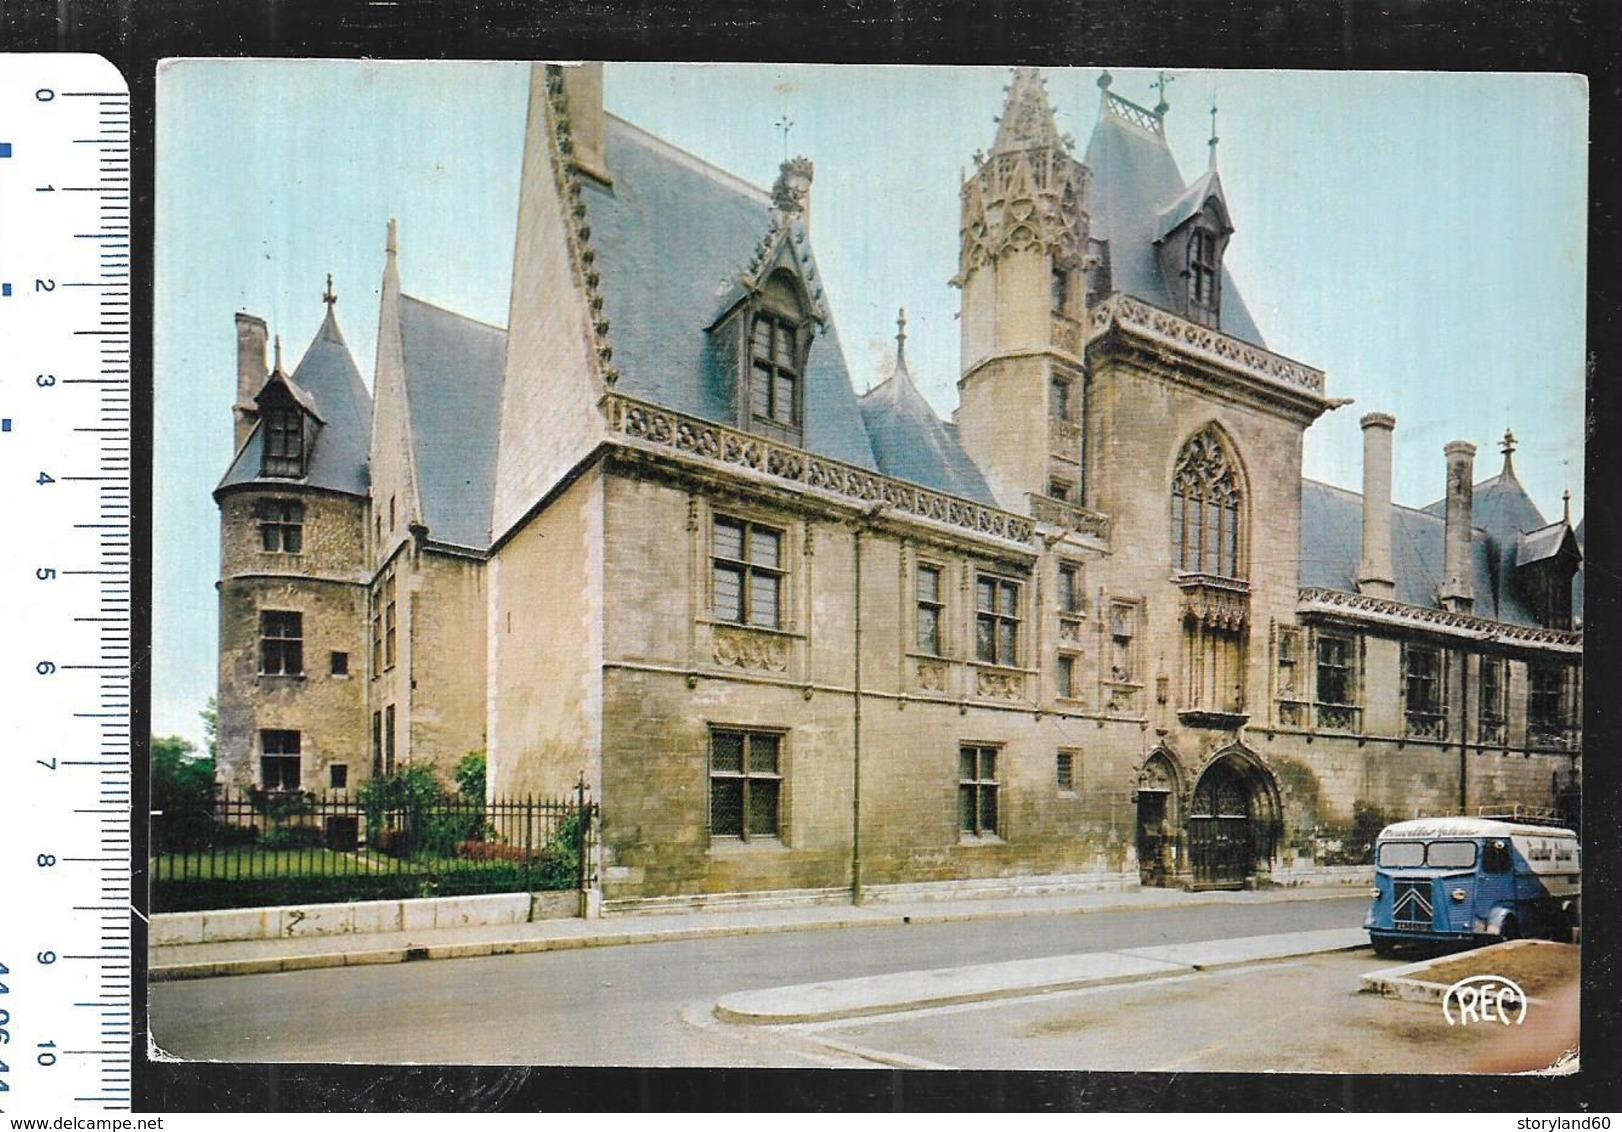 Cpm 1820449 Bourges Le Palais Jacques Coeur , Citroen Hy , Nouvelles Galeries ? - Bourges